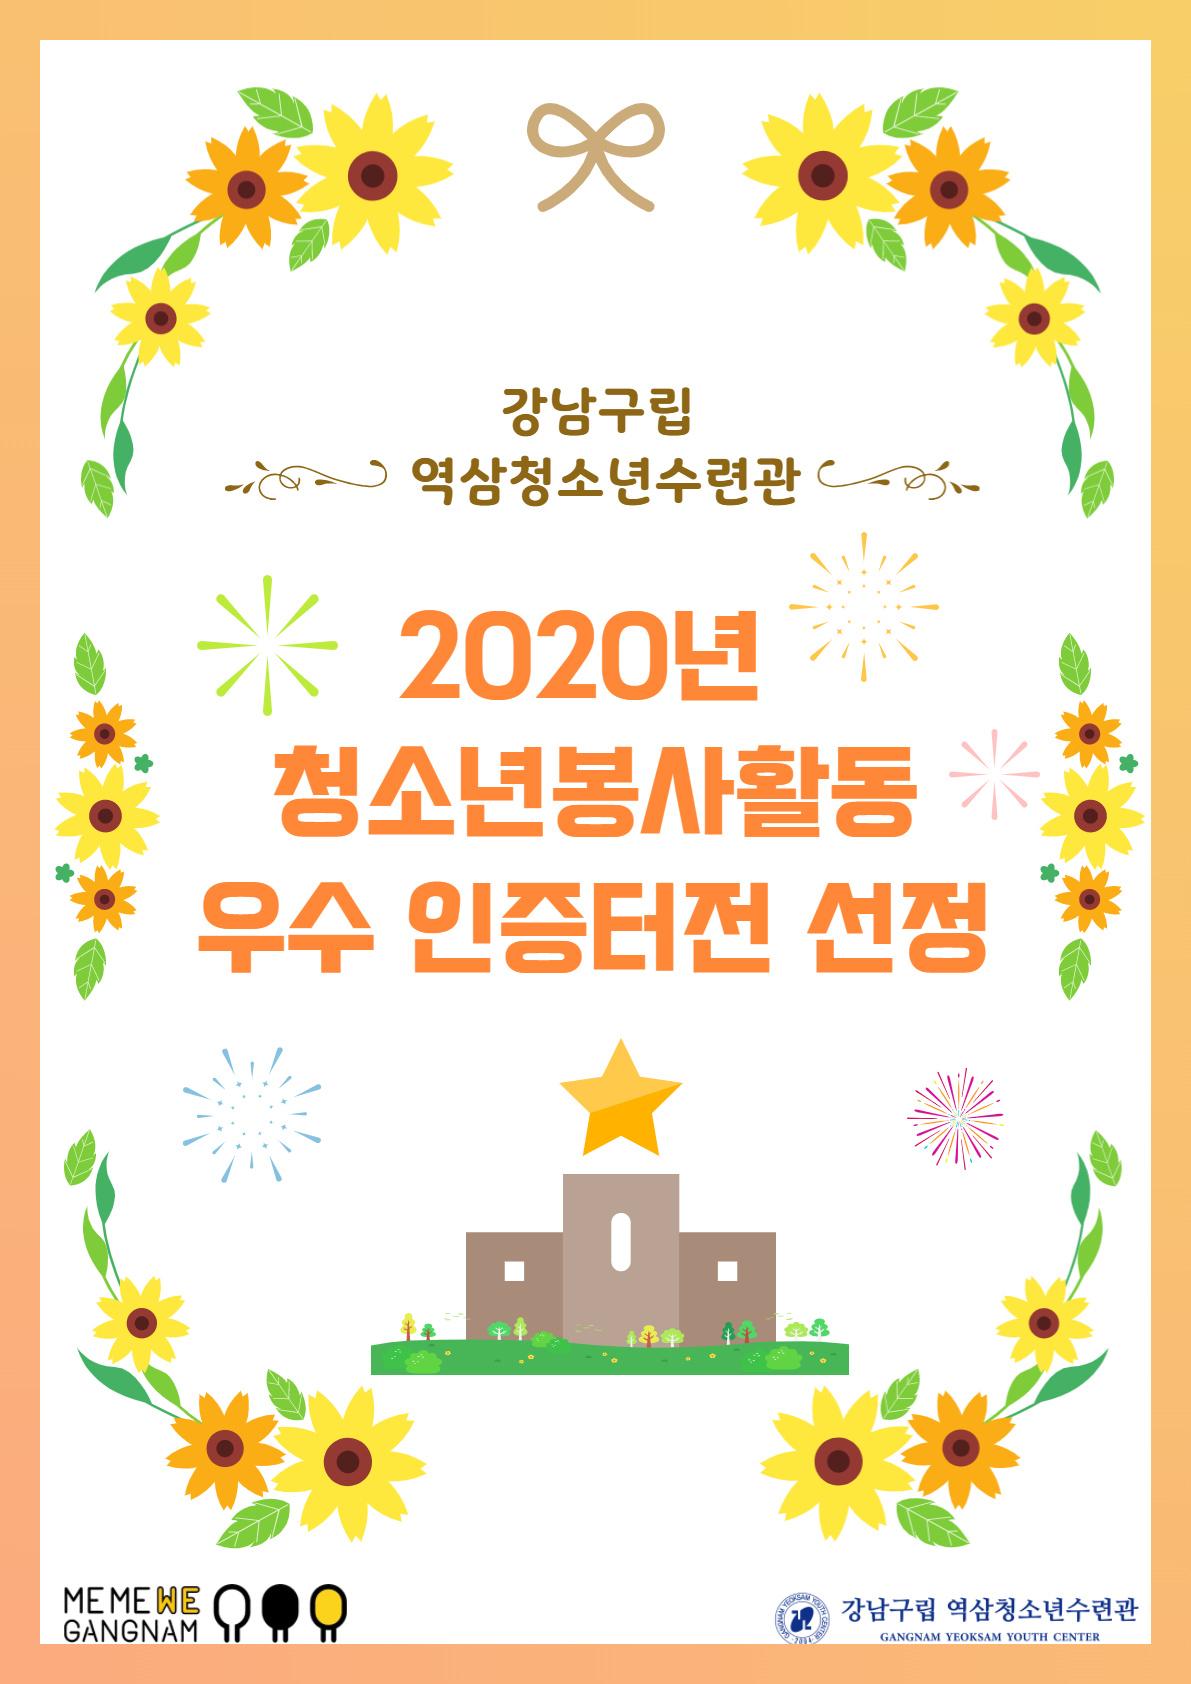 2020년 청소년봉사활동 우수 인증터전 선정